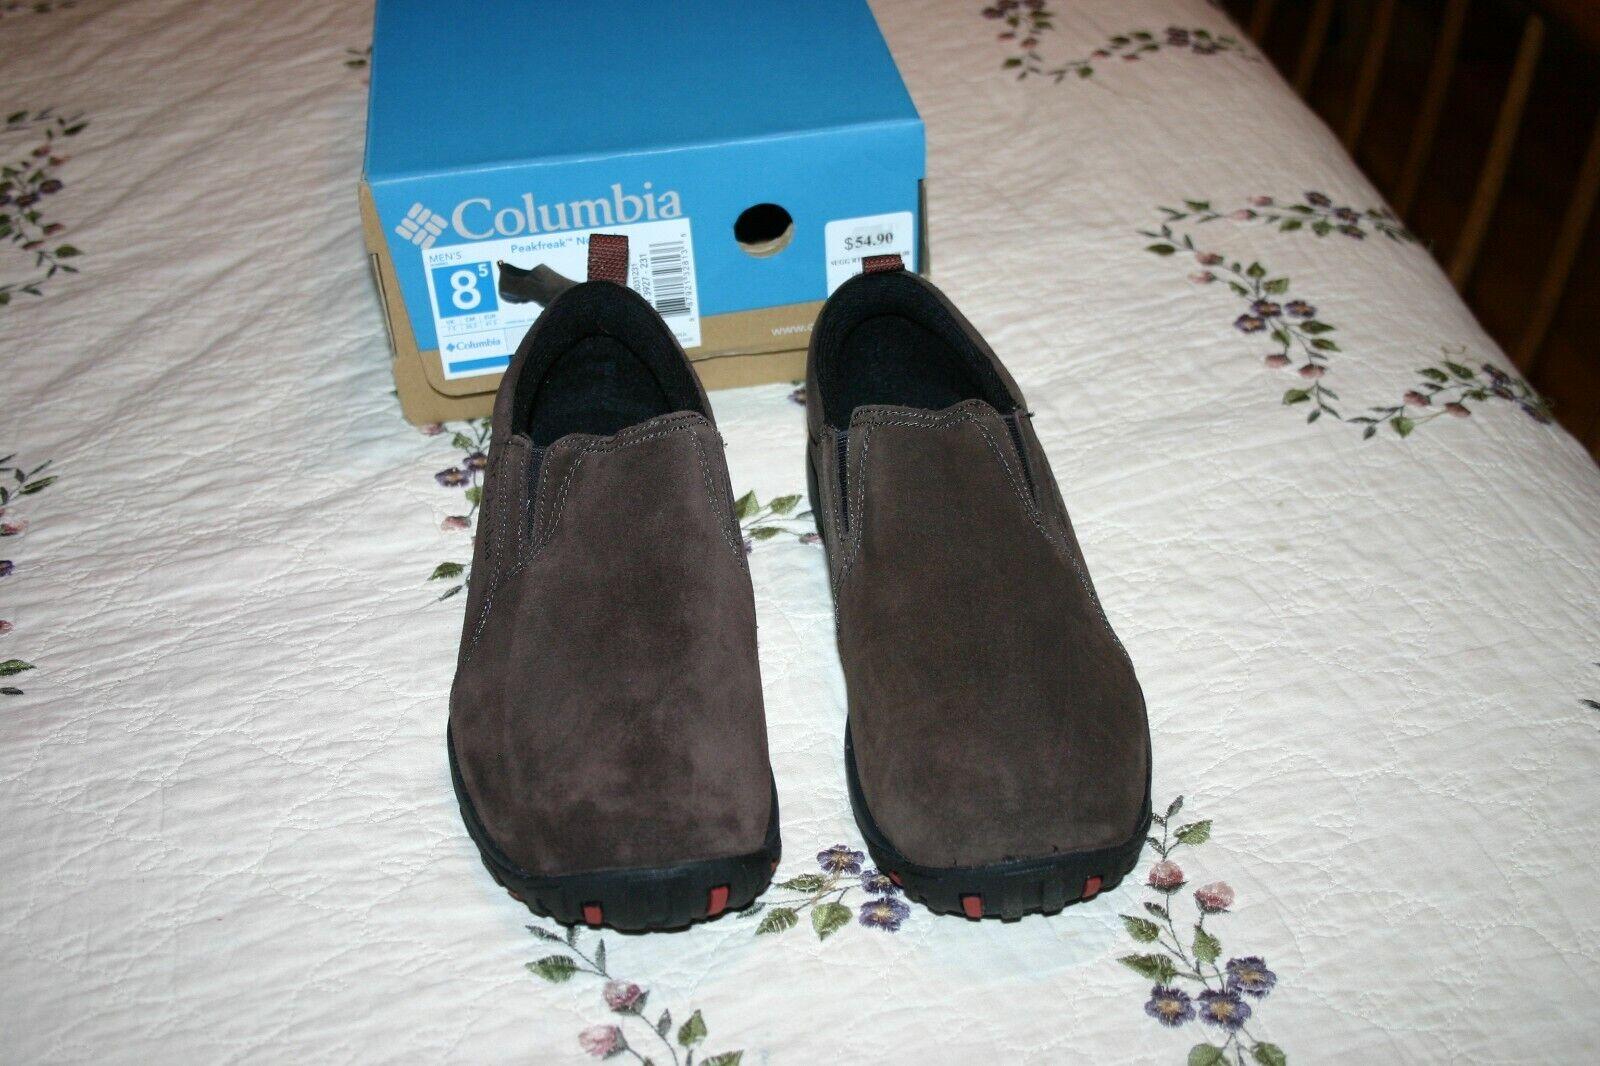 Columbia  Peakfreak Nomad Moc Hombre Marrón Trail senderismo zapatos talla 8.5  Entrega gratuita y rápida disponible.